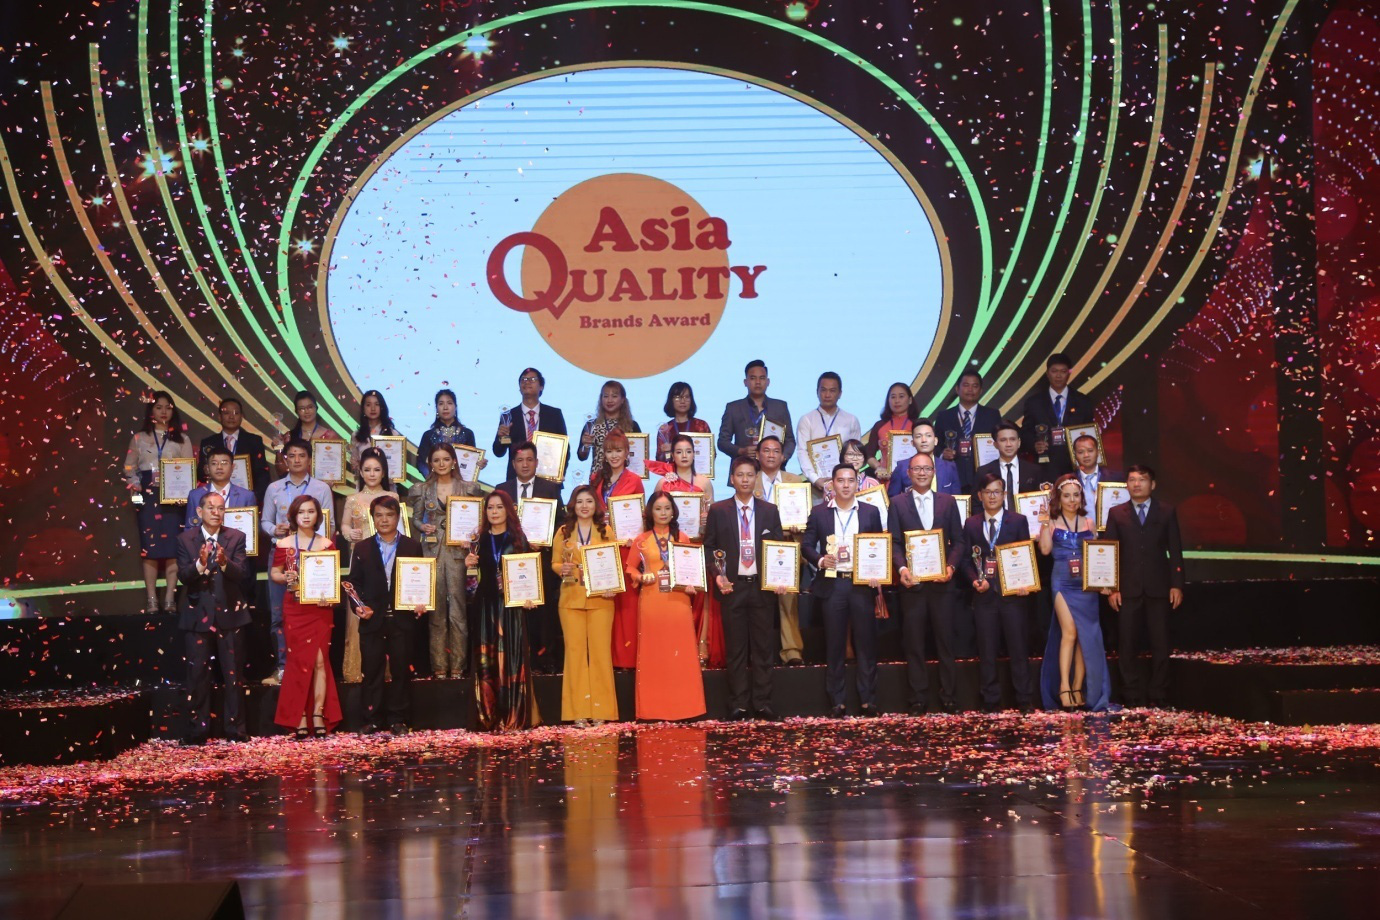 Thời trang Việt chinh phục danh hiệu thương hiệu chất lượng châu Á - Ảnh 2.